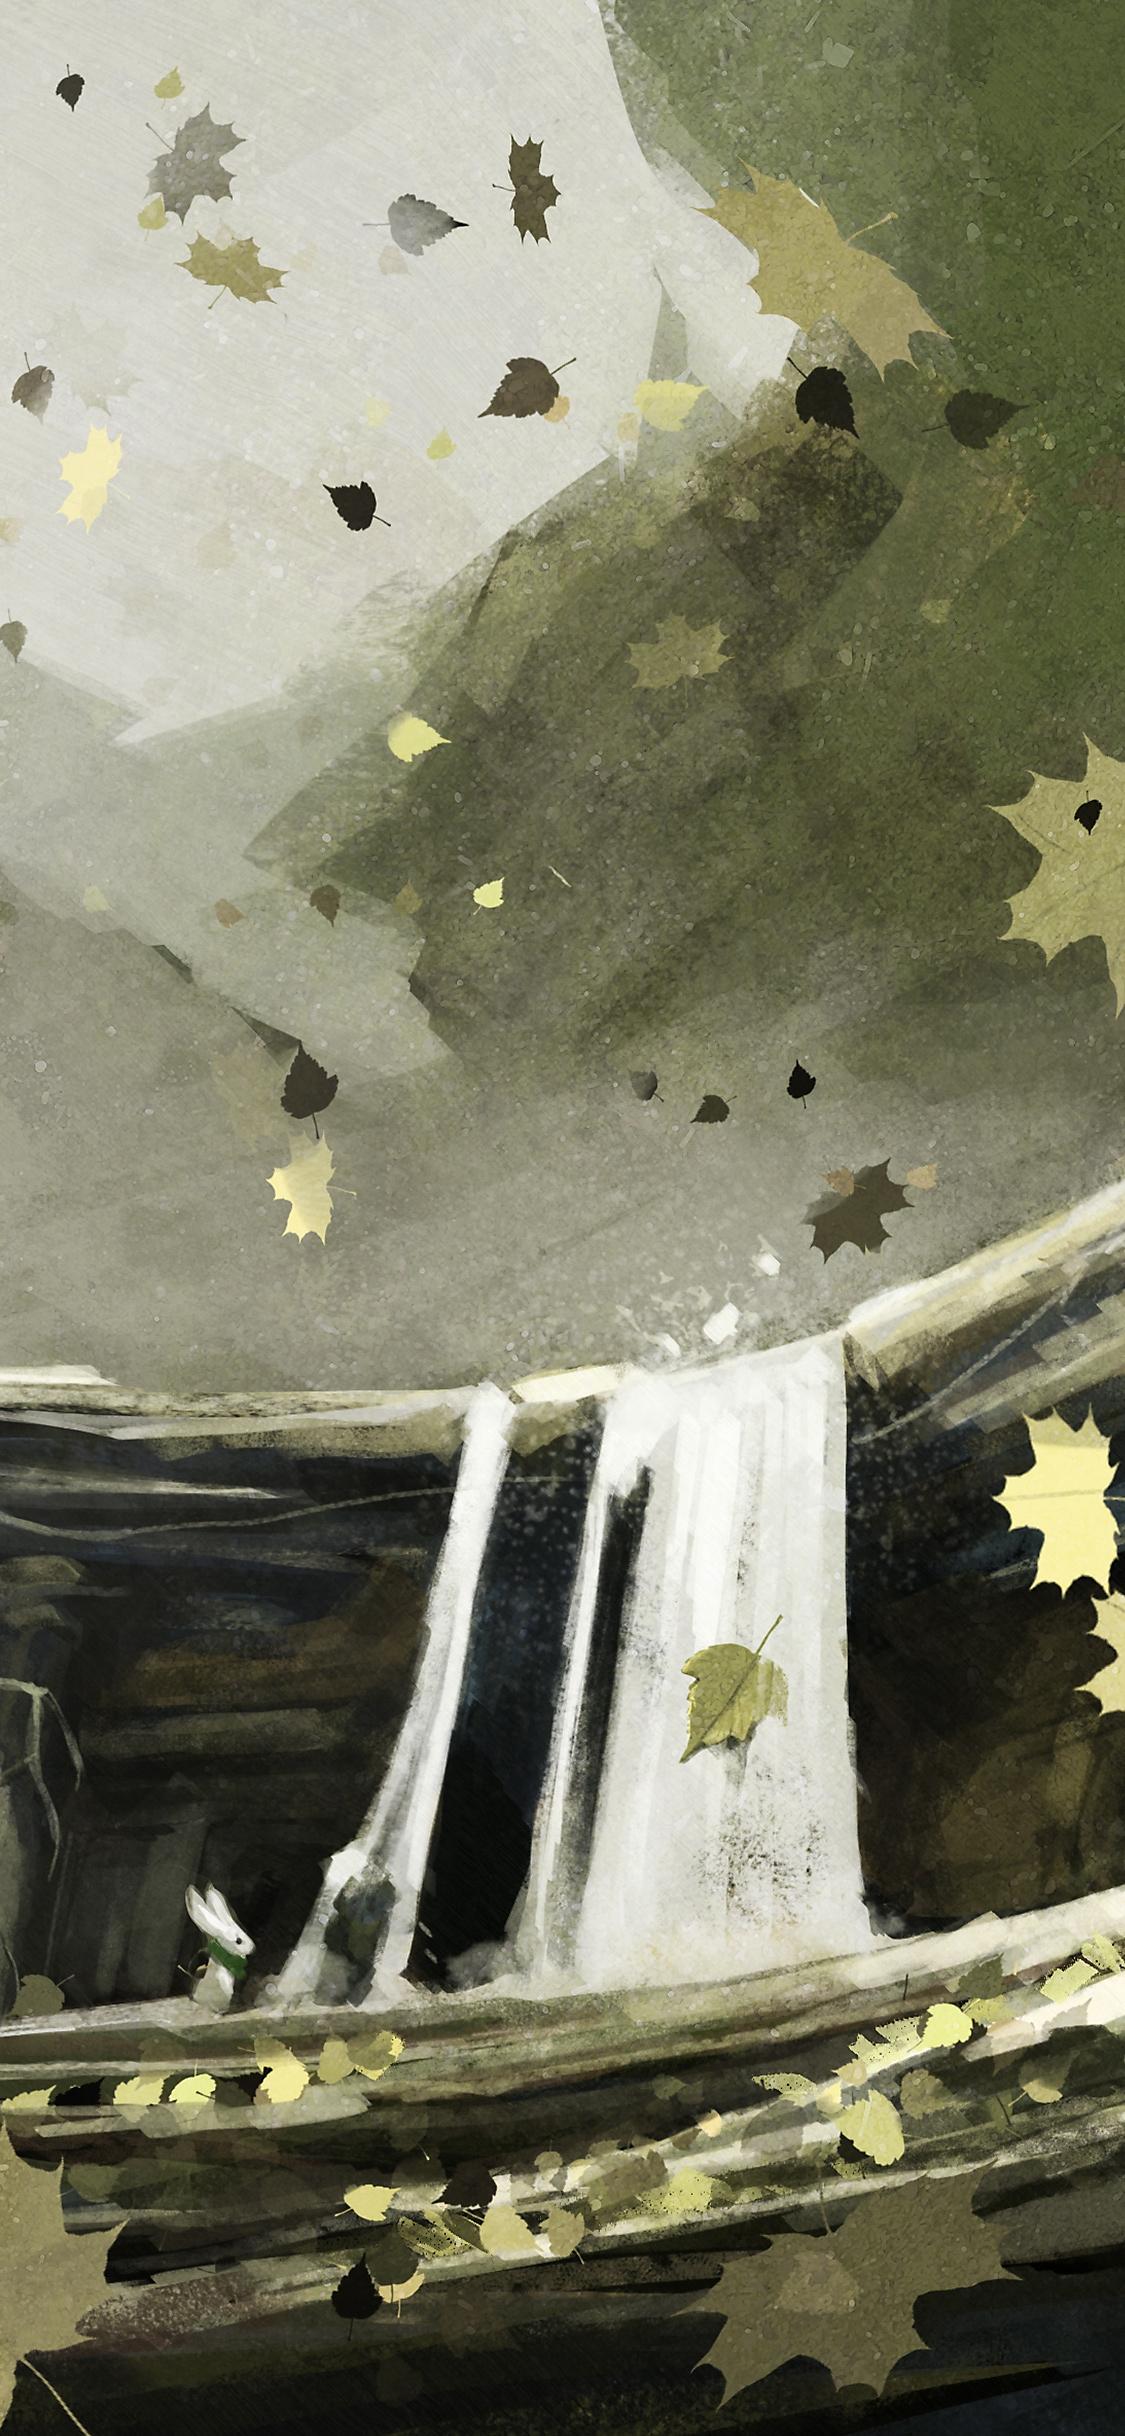 Moss-bakgrundsbild (mobil)